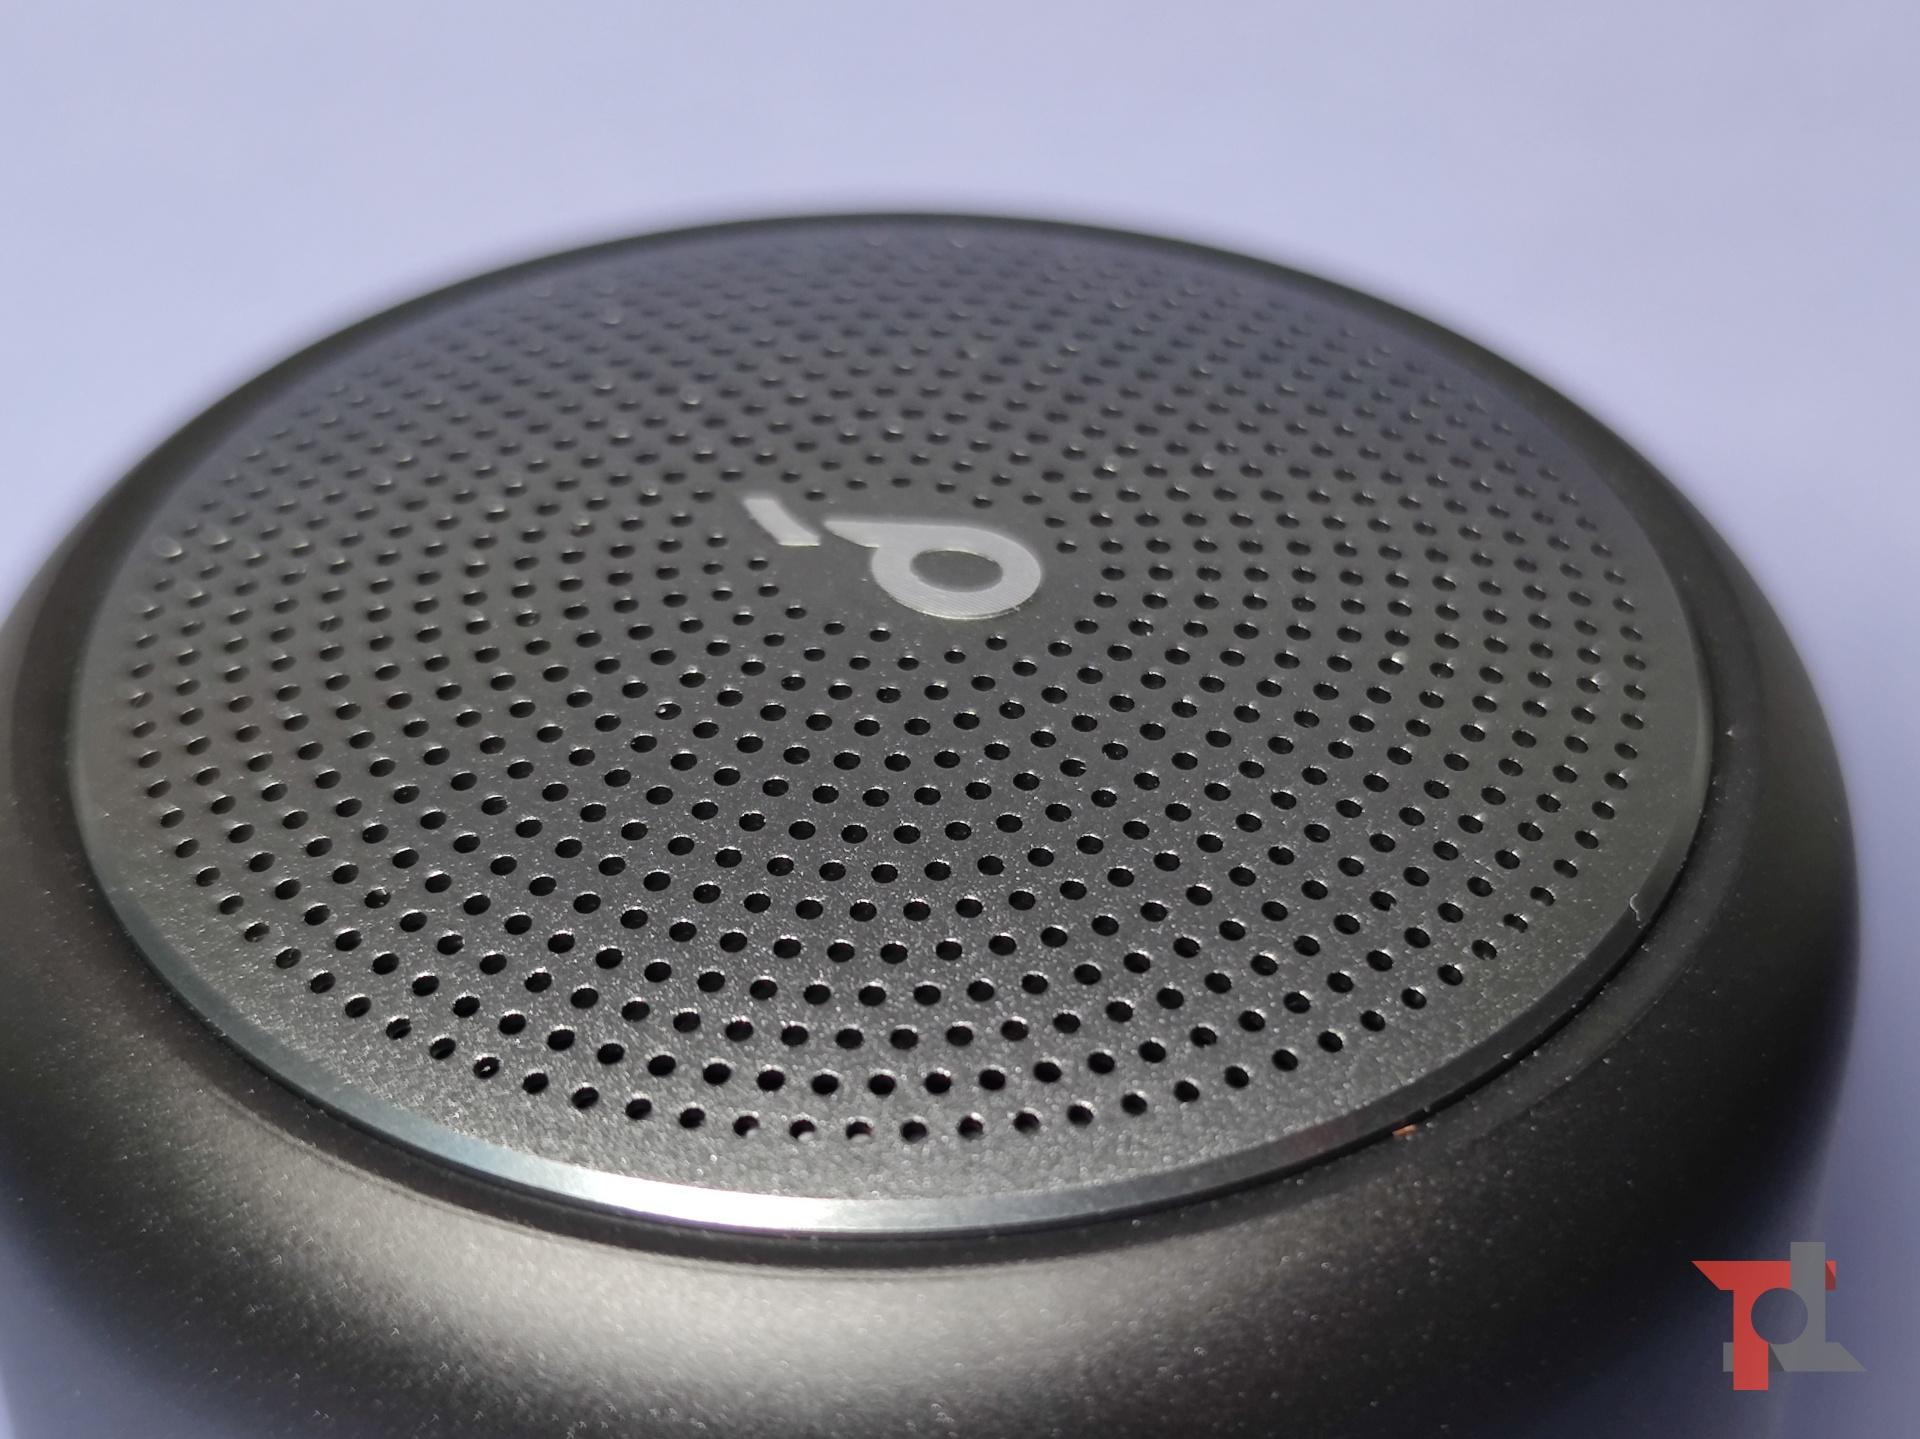 Recensione Soundcore Mini 3, piccolo speaker tuttofare che non teme l'acqua 6